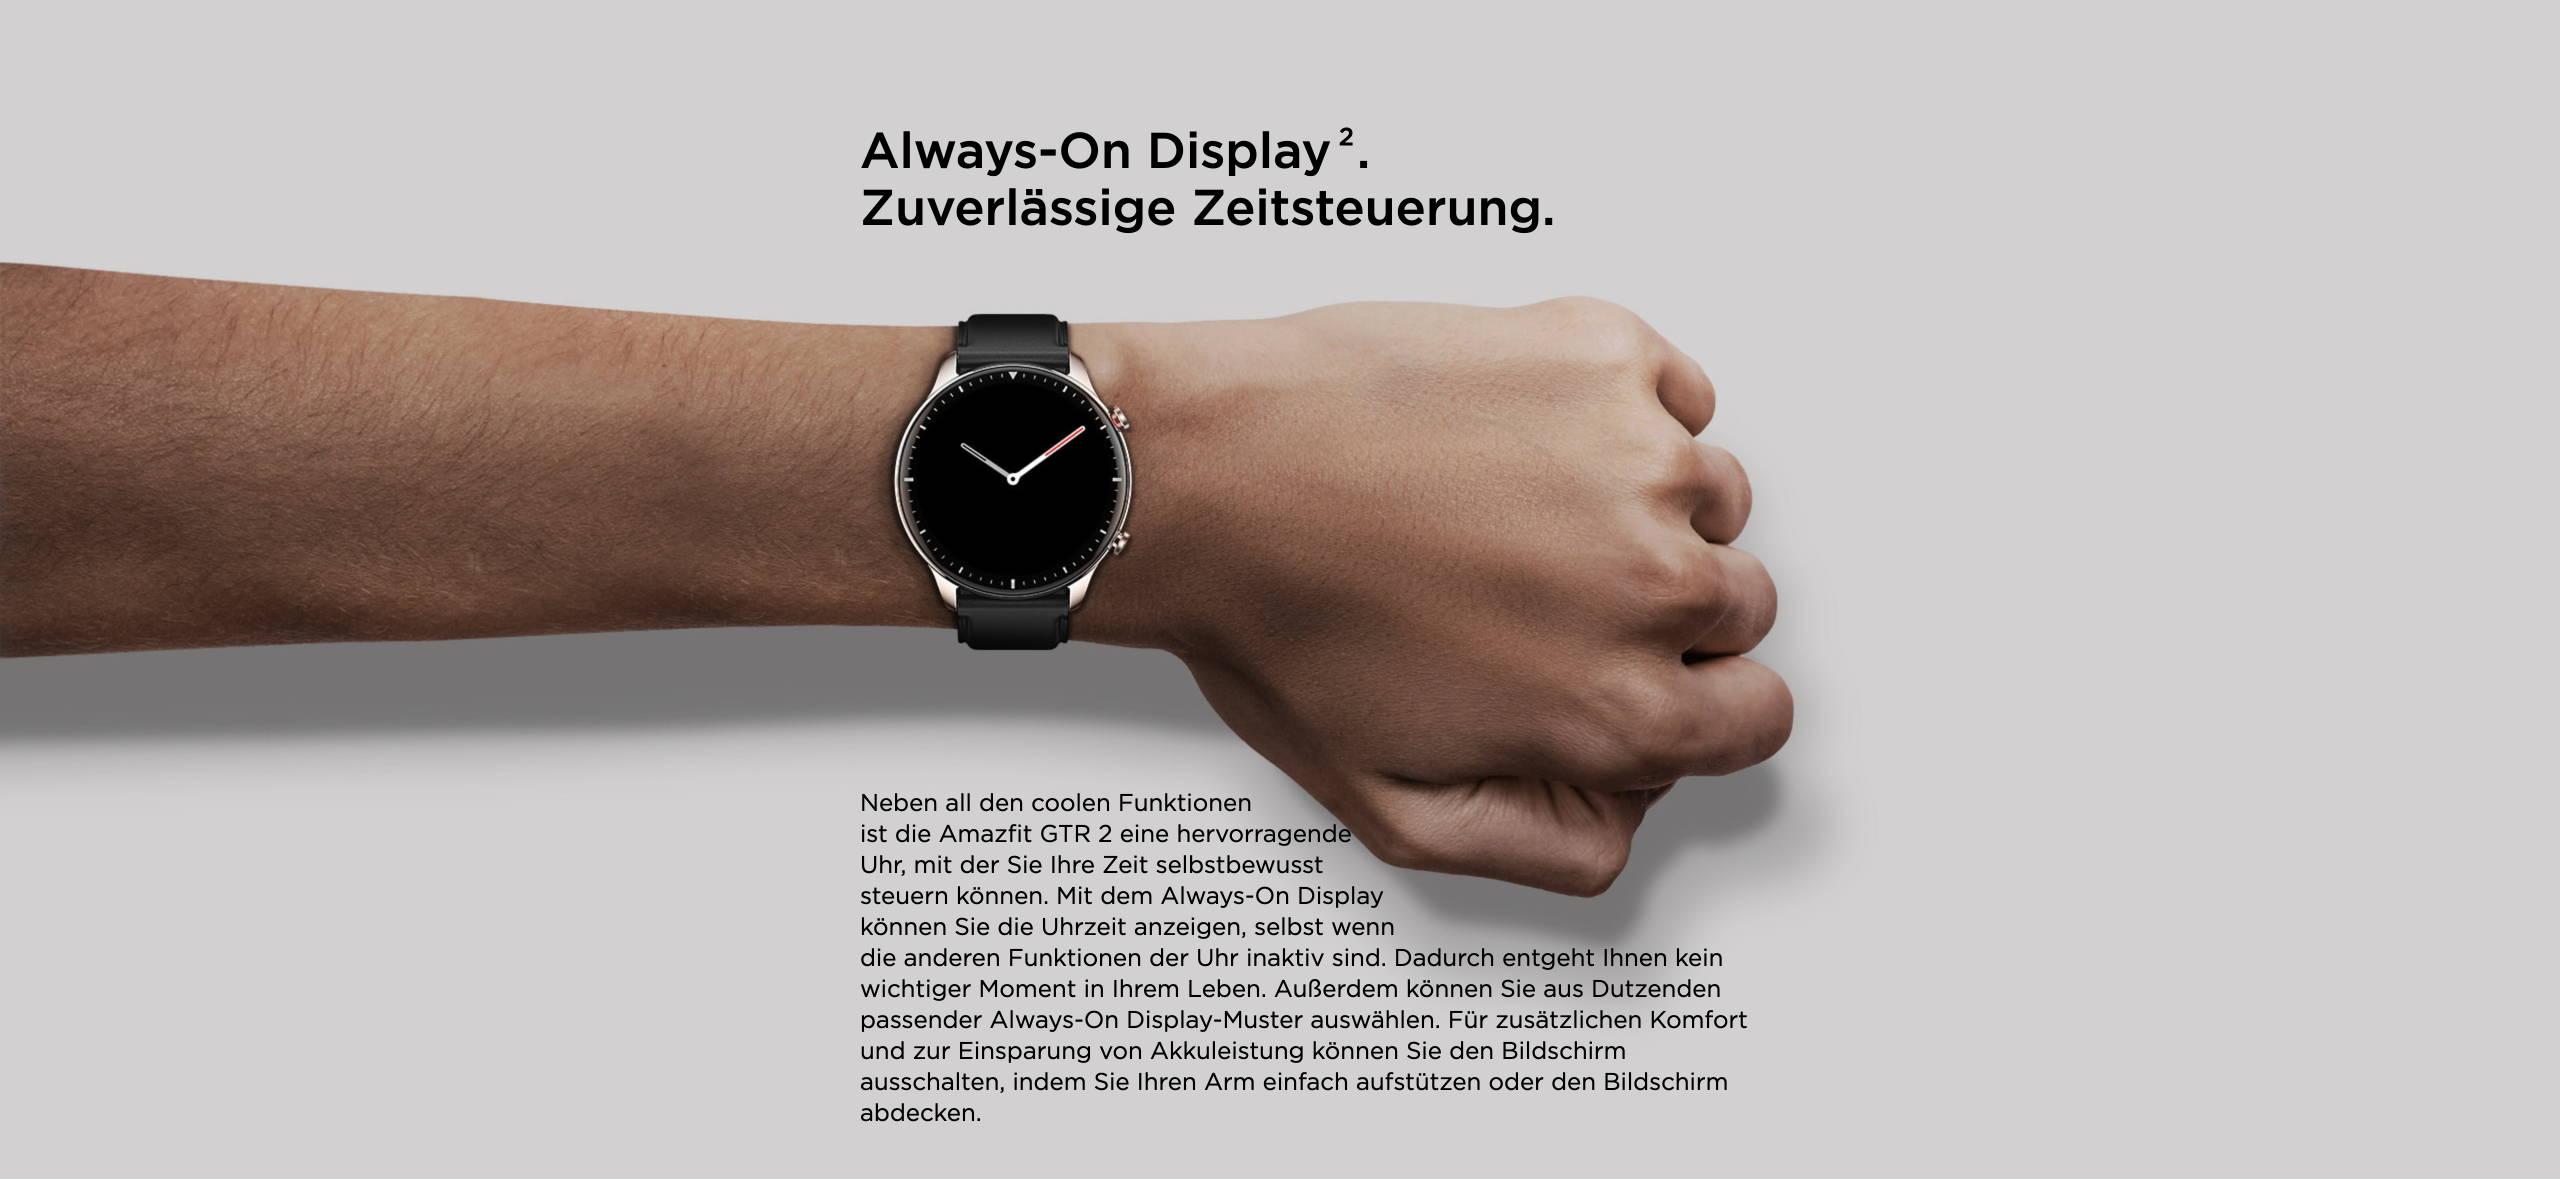 Amazfit GTR 2 - Always-On Display. Zuverlässige Zeitsteuerung.